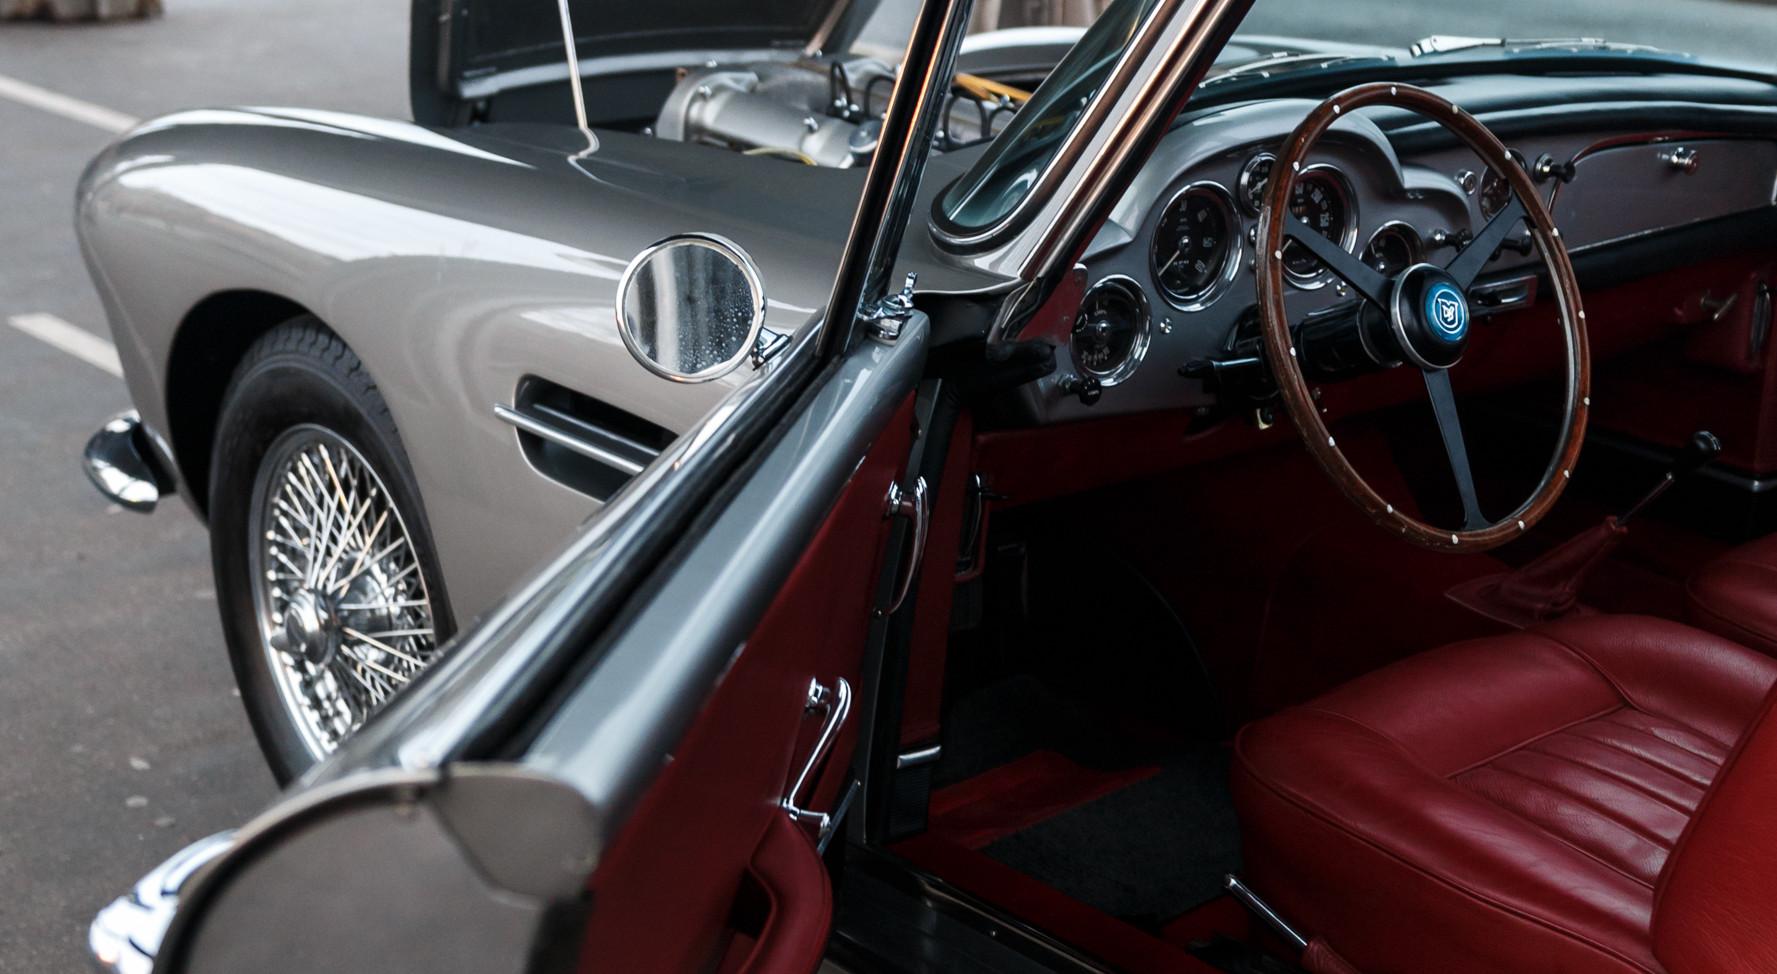 1961 Aston Martin DB4 Cabriolet 18.jpg